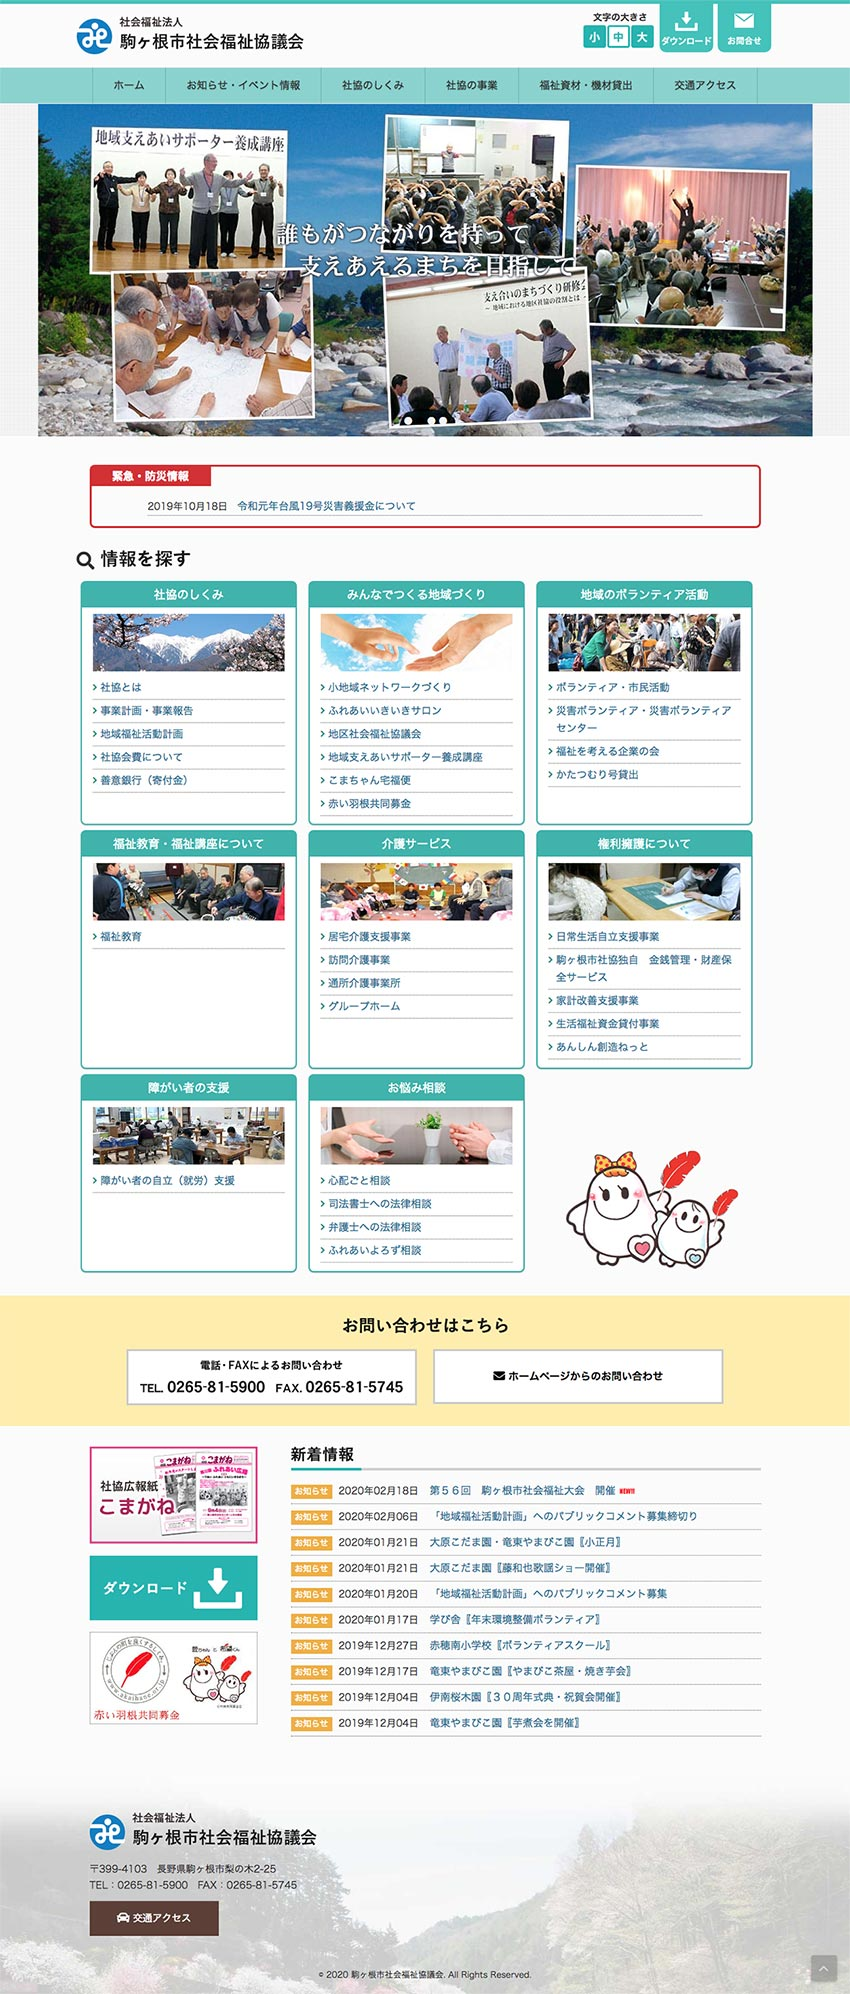 駒ヶ根市社会福祉協議会様ホームページ